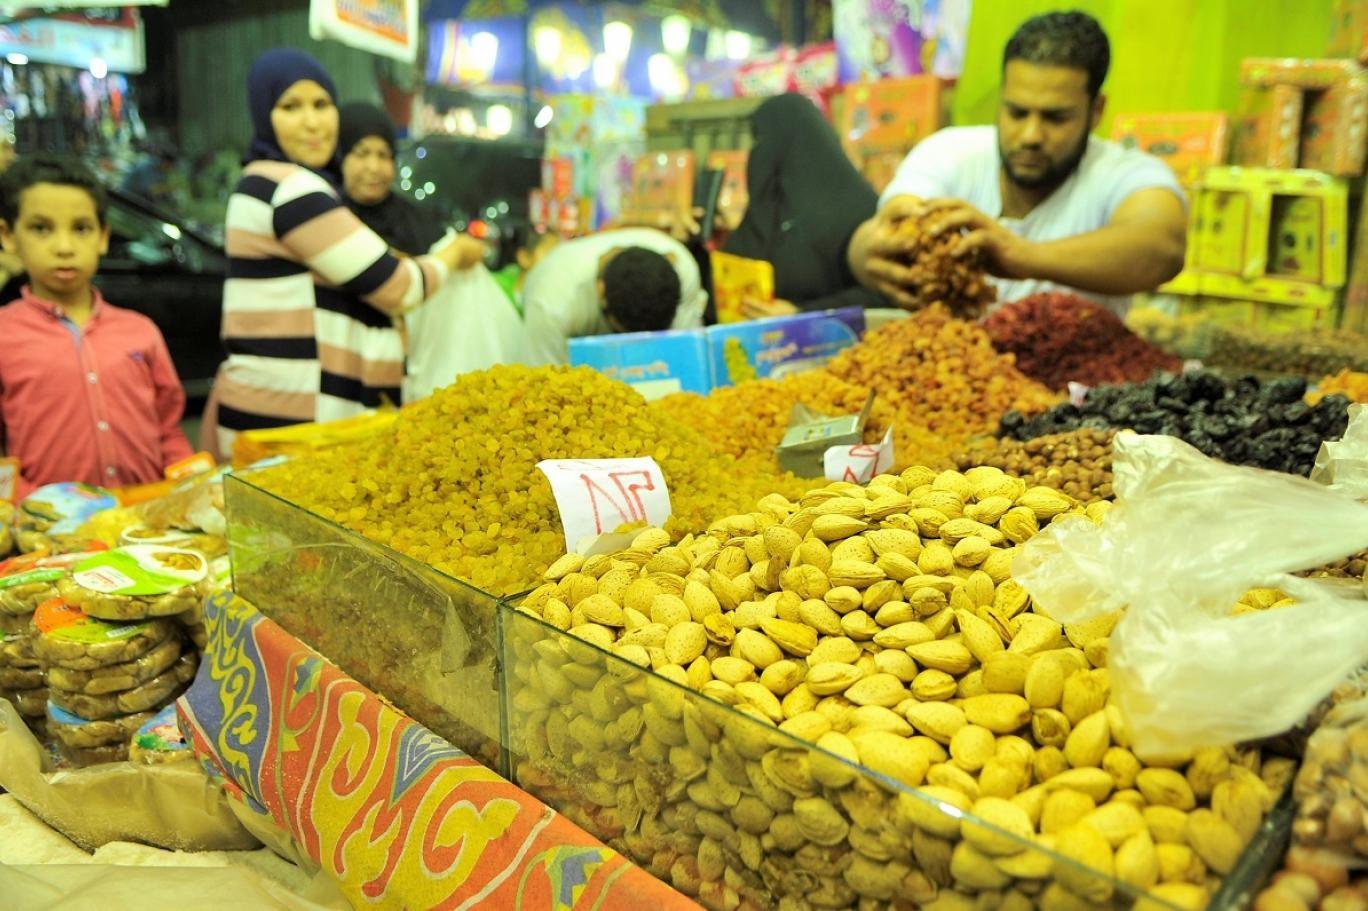 انخفاض في الأسعار وركود بالأسواق المصرية... يا ياميش مين يشتريك؟